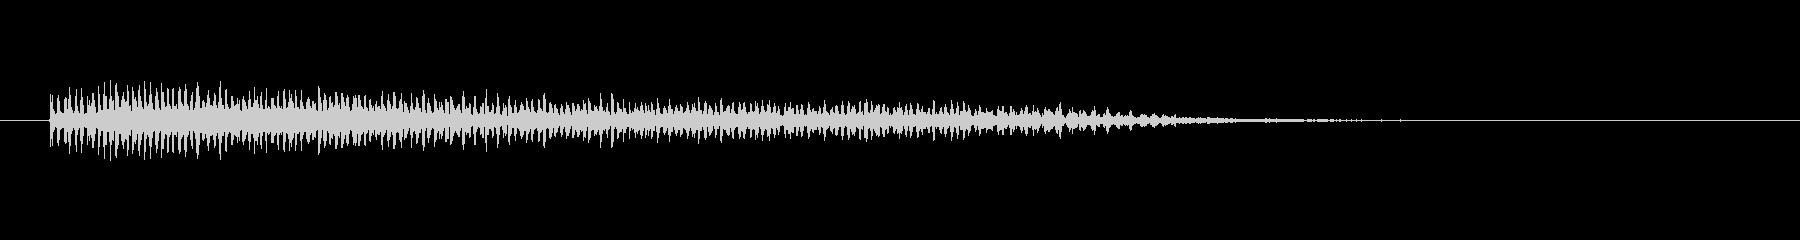 【ビブラスラップ01-6】の未再生の波形